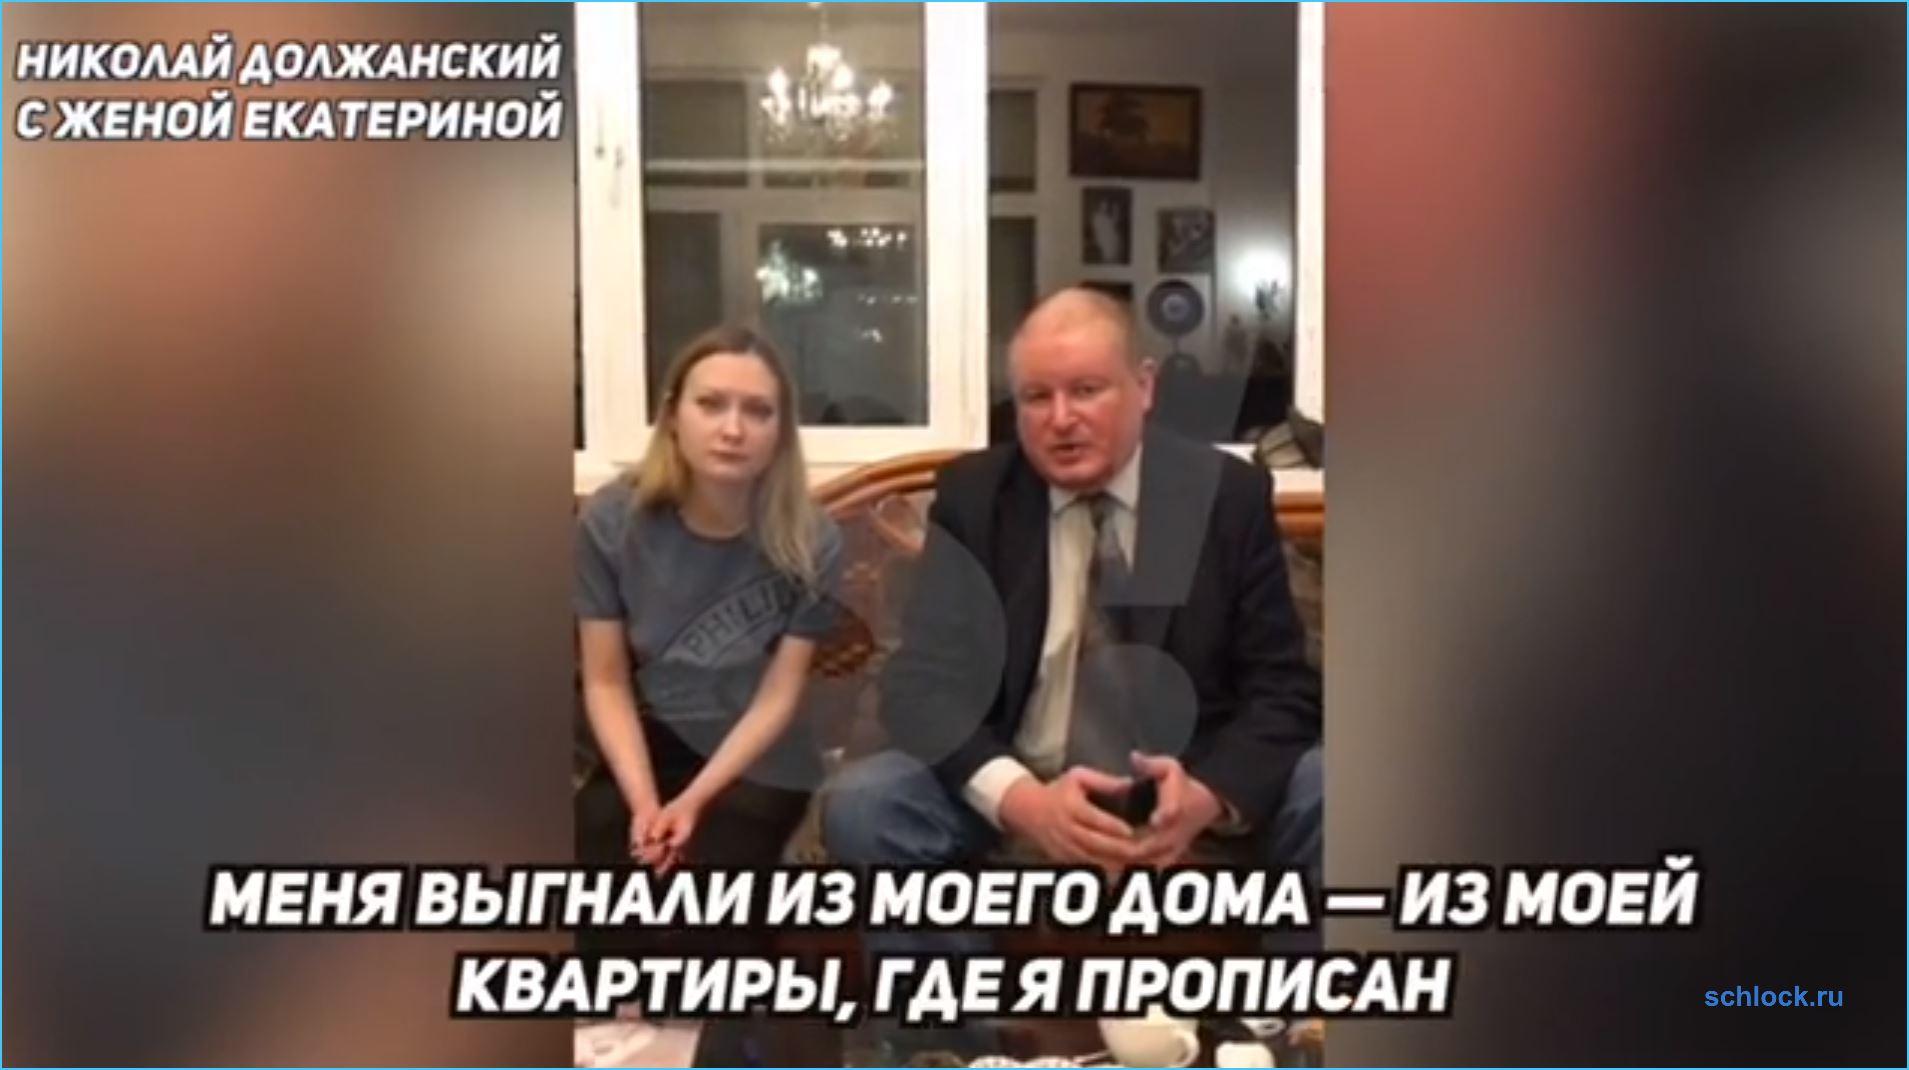 Николая Должанского выгнали из дома!